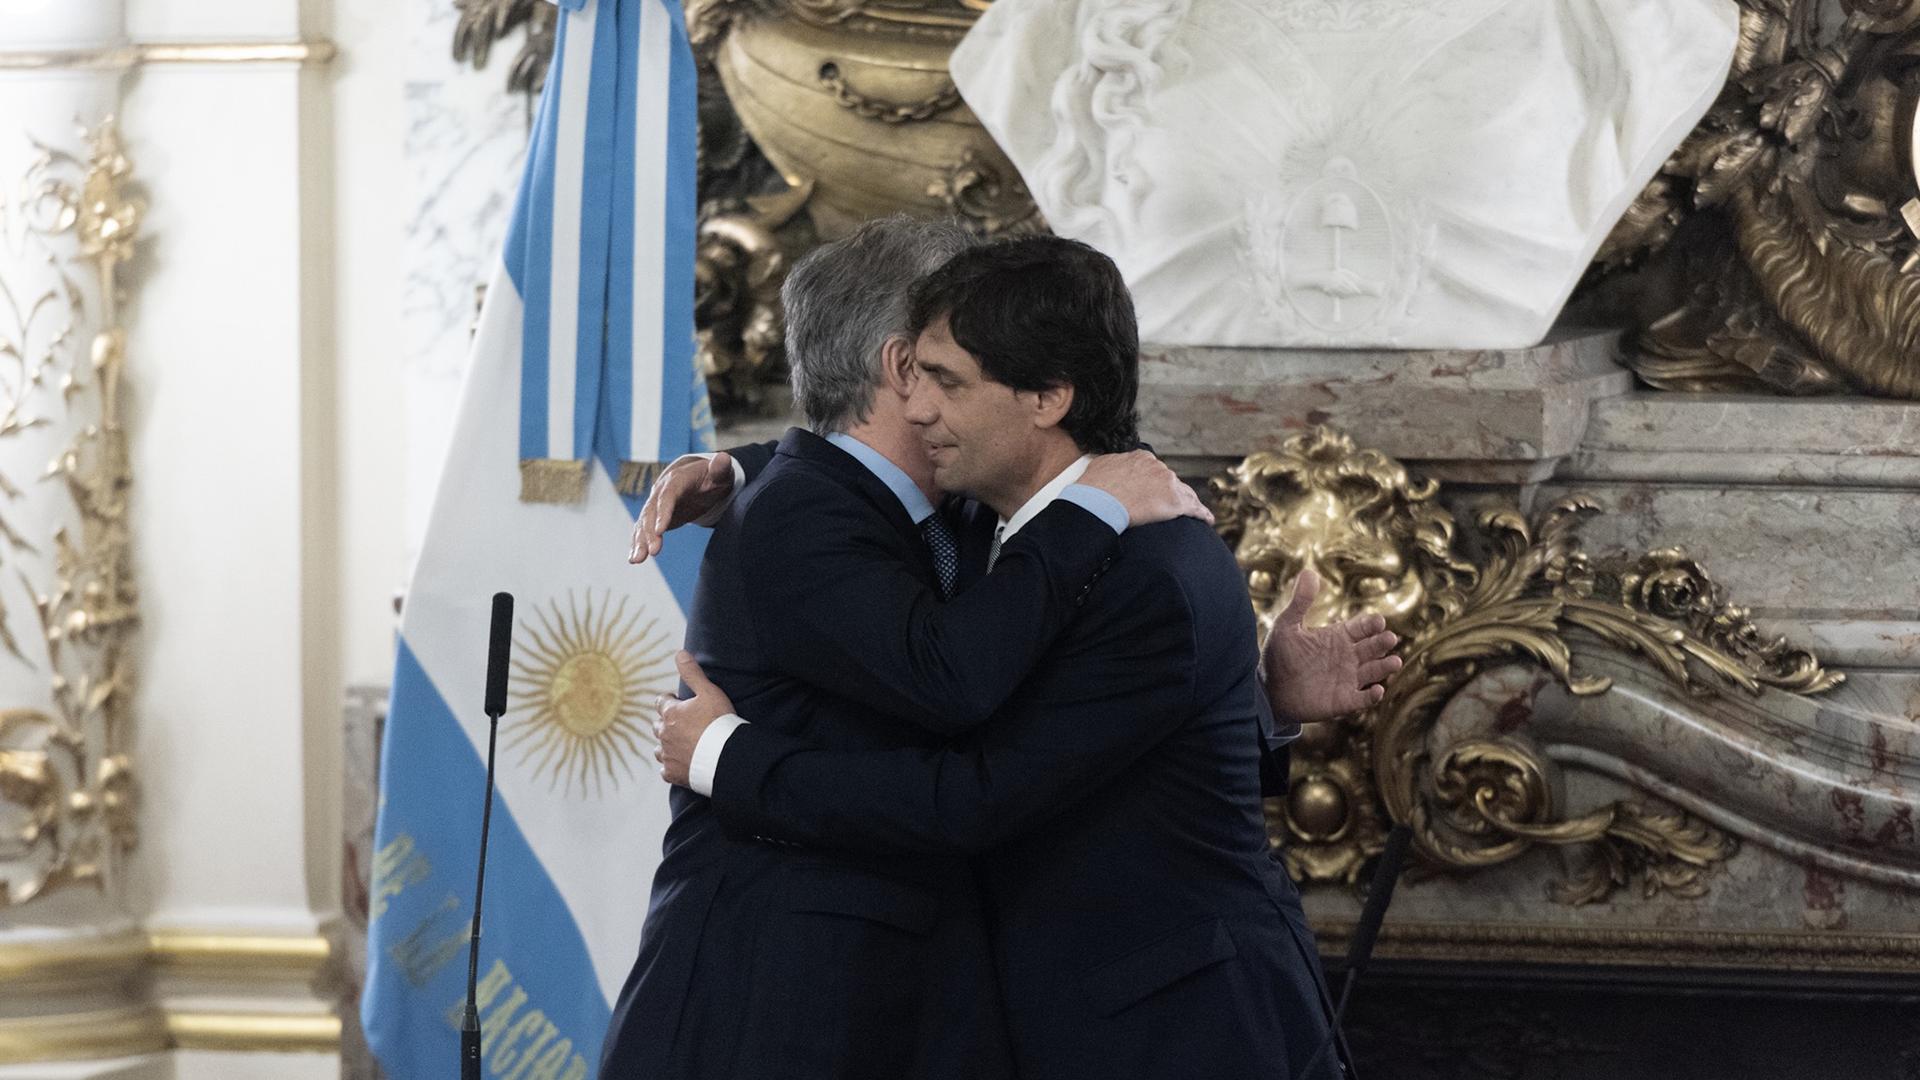 El presidente saludó con un afectuoso abrazo al flamante ministro de Hacienda